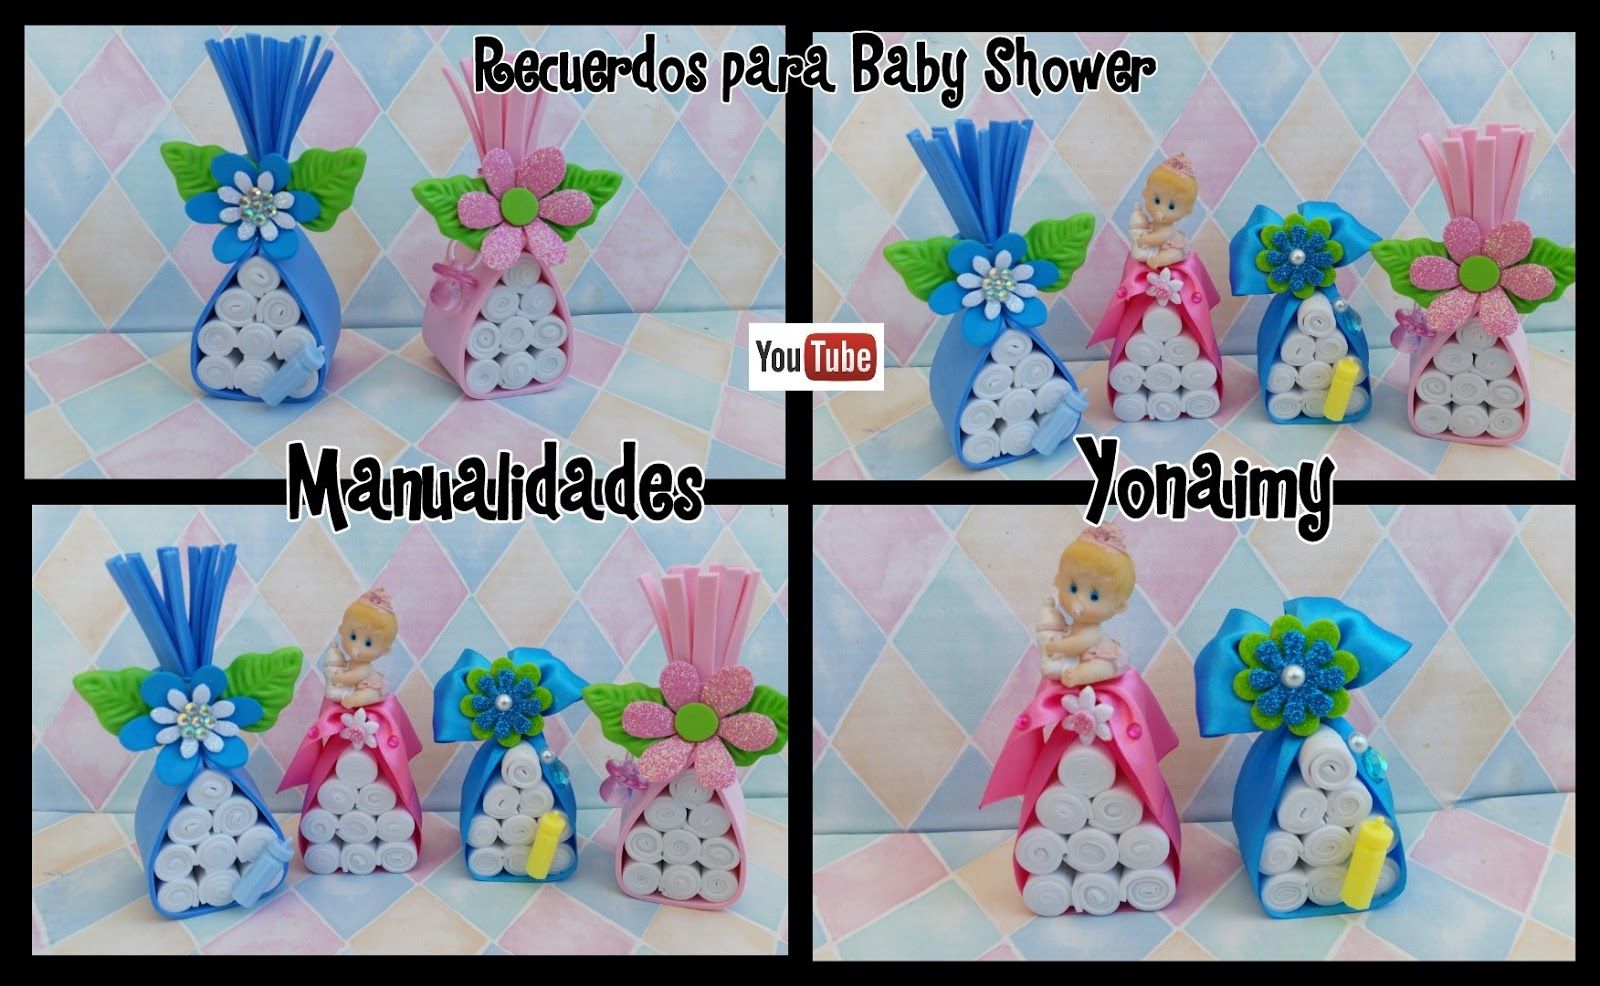 Manualidades yonaimy for Novedades para baby shower